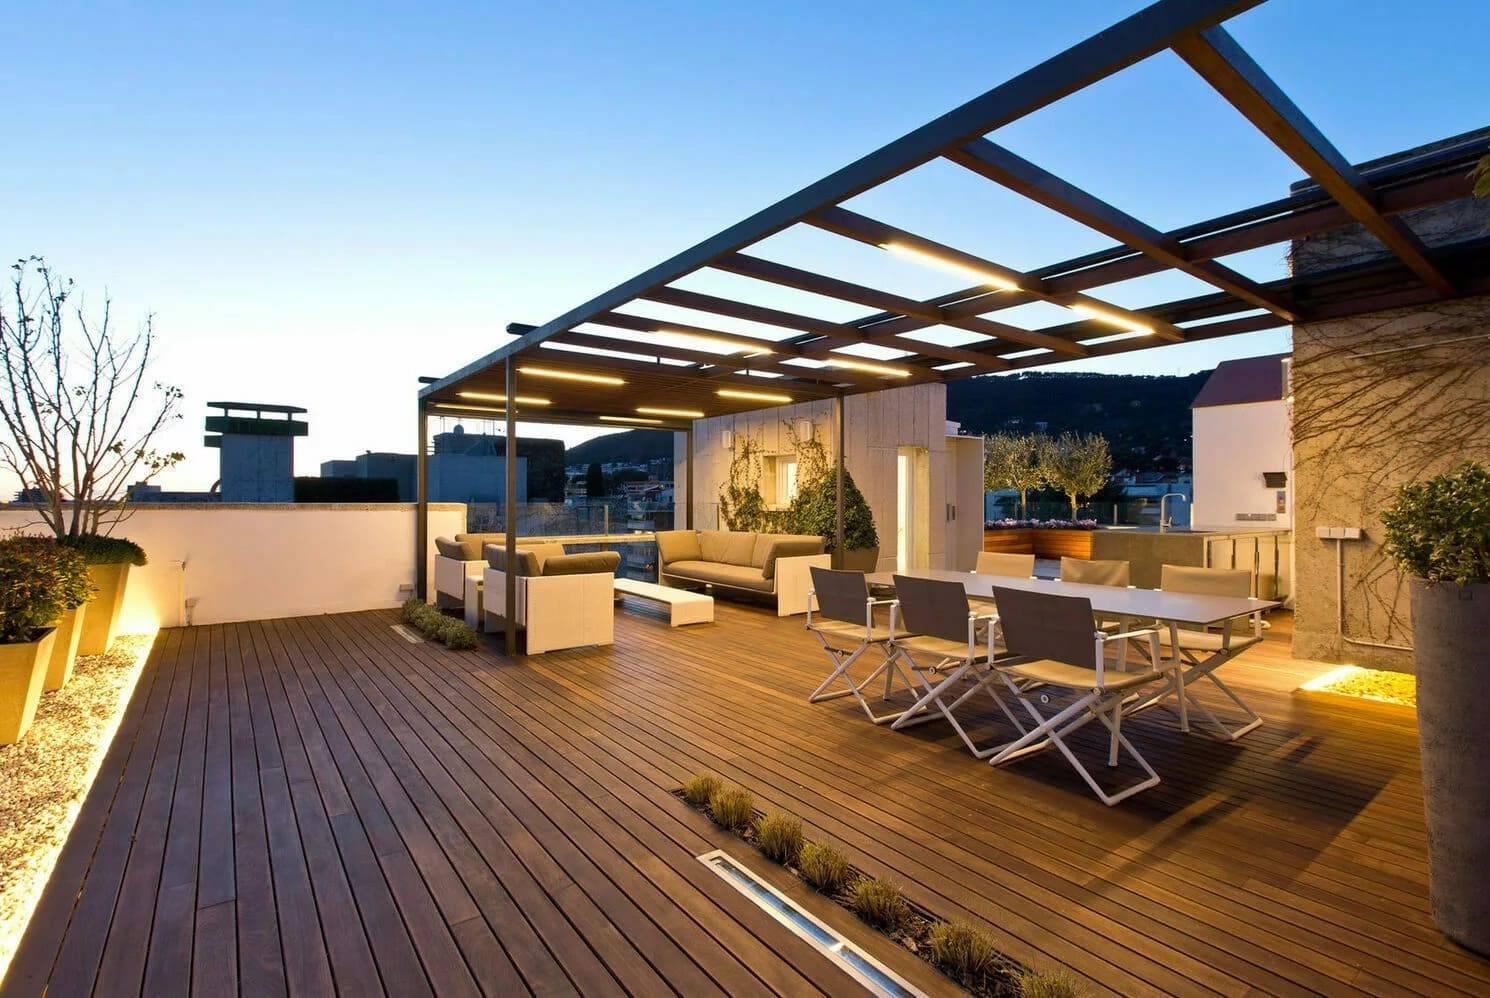 Как пристроить террасу к дому (90 фото): описание технологии постройки террас с пошаговой инструкцией